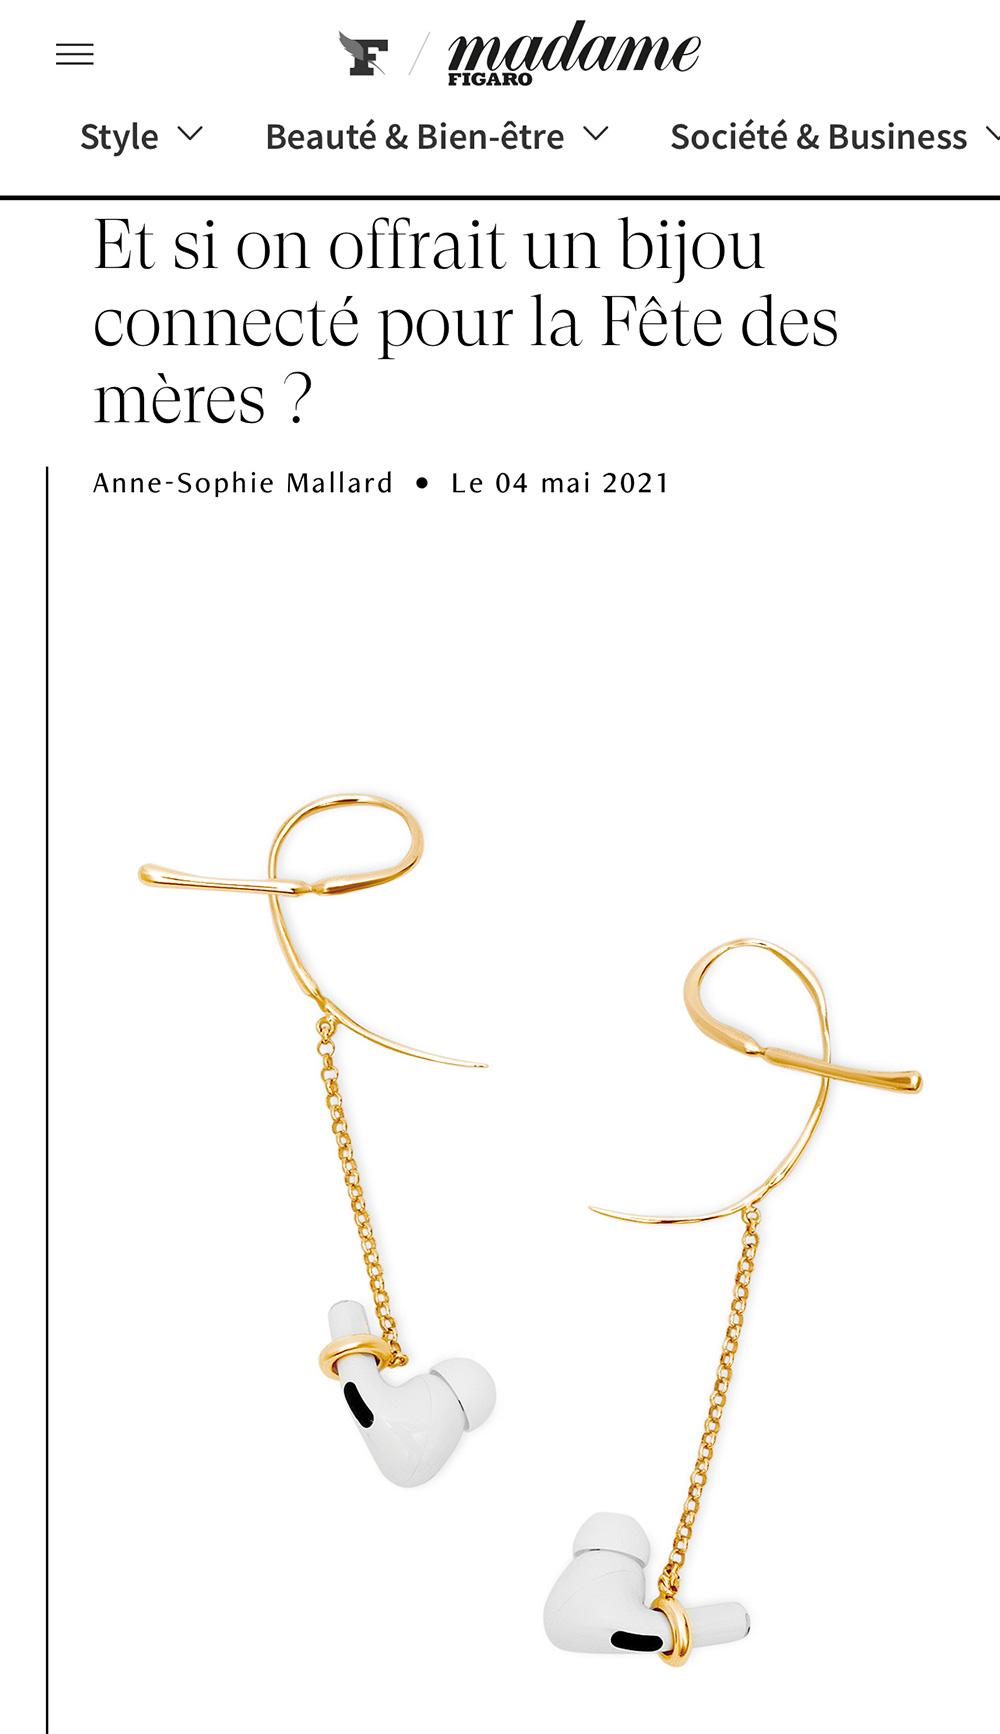 Madame Figaro - Et si on s'offrait un bijou connecté ?